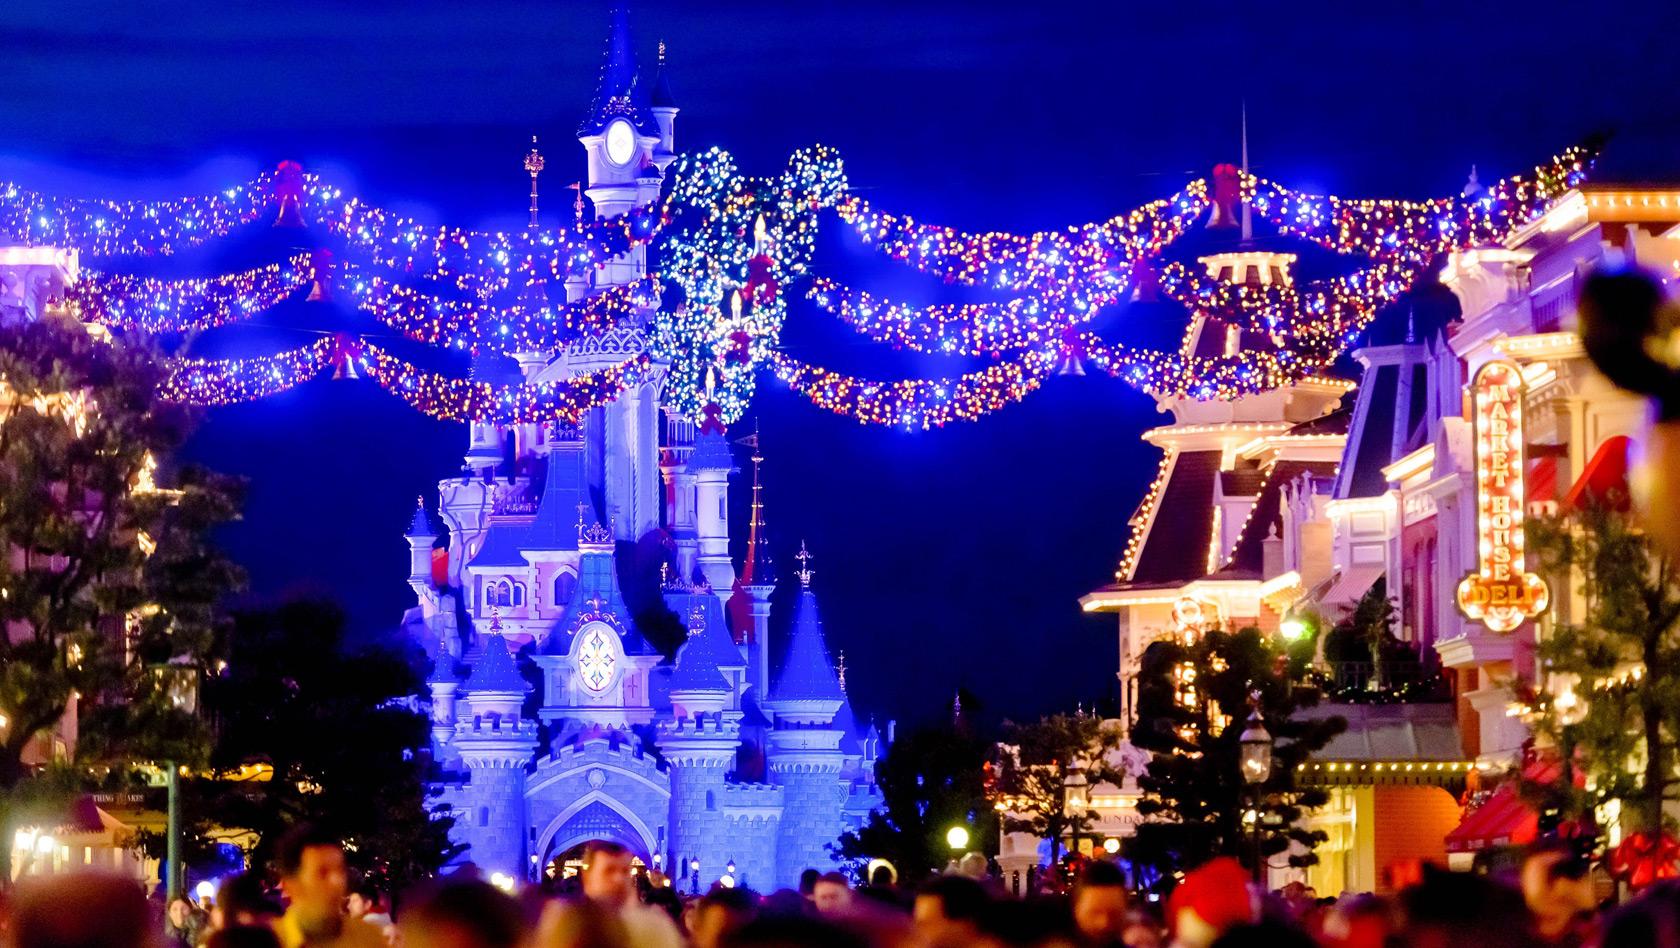 Disneyland Paris Im Winter 2017 Weihnachtszeit Erstmals